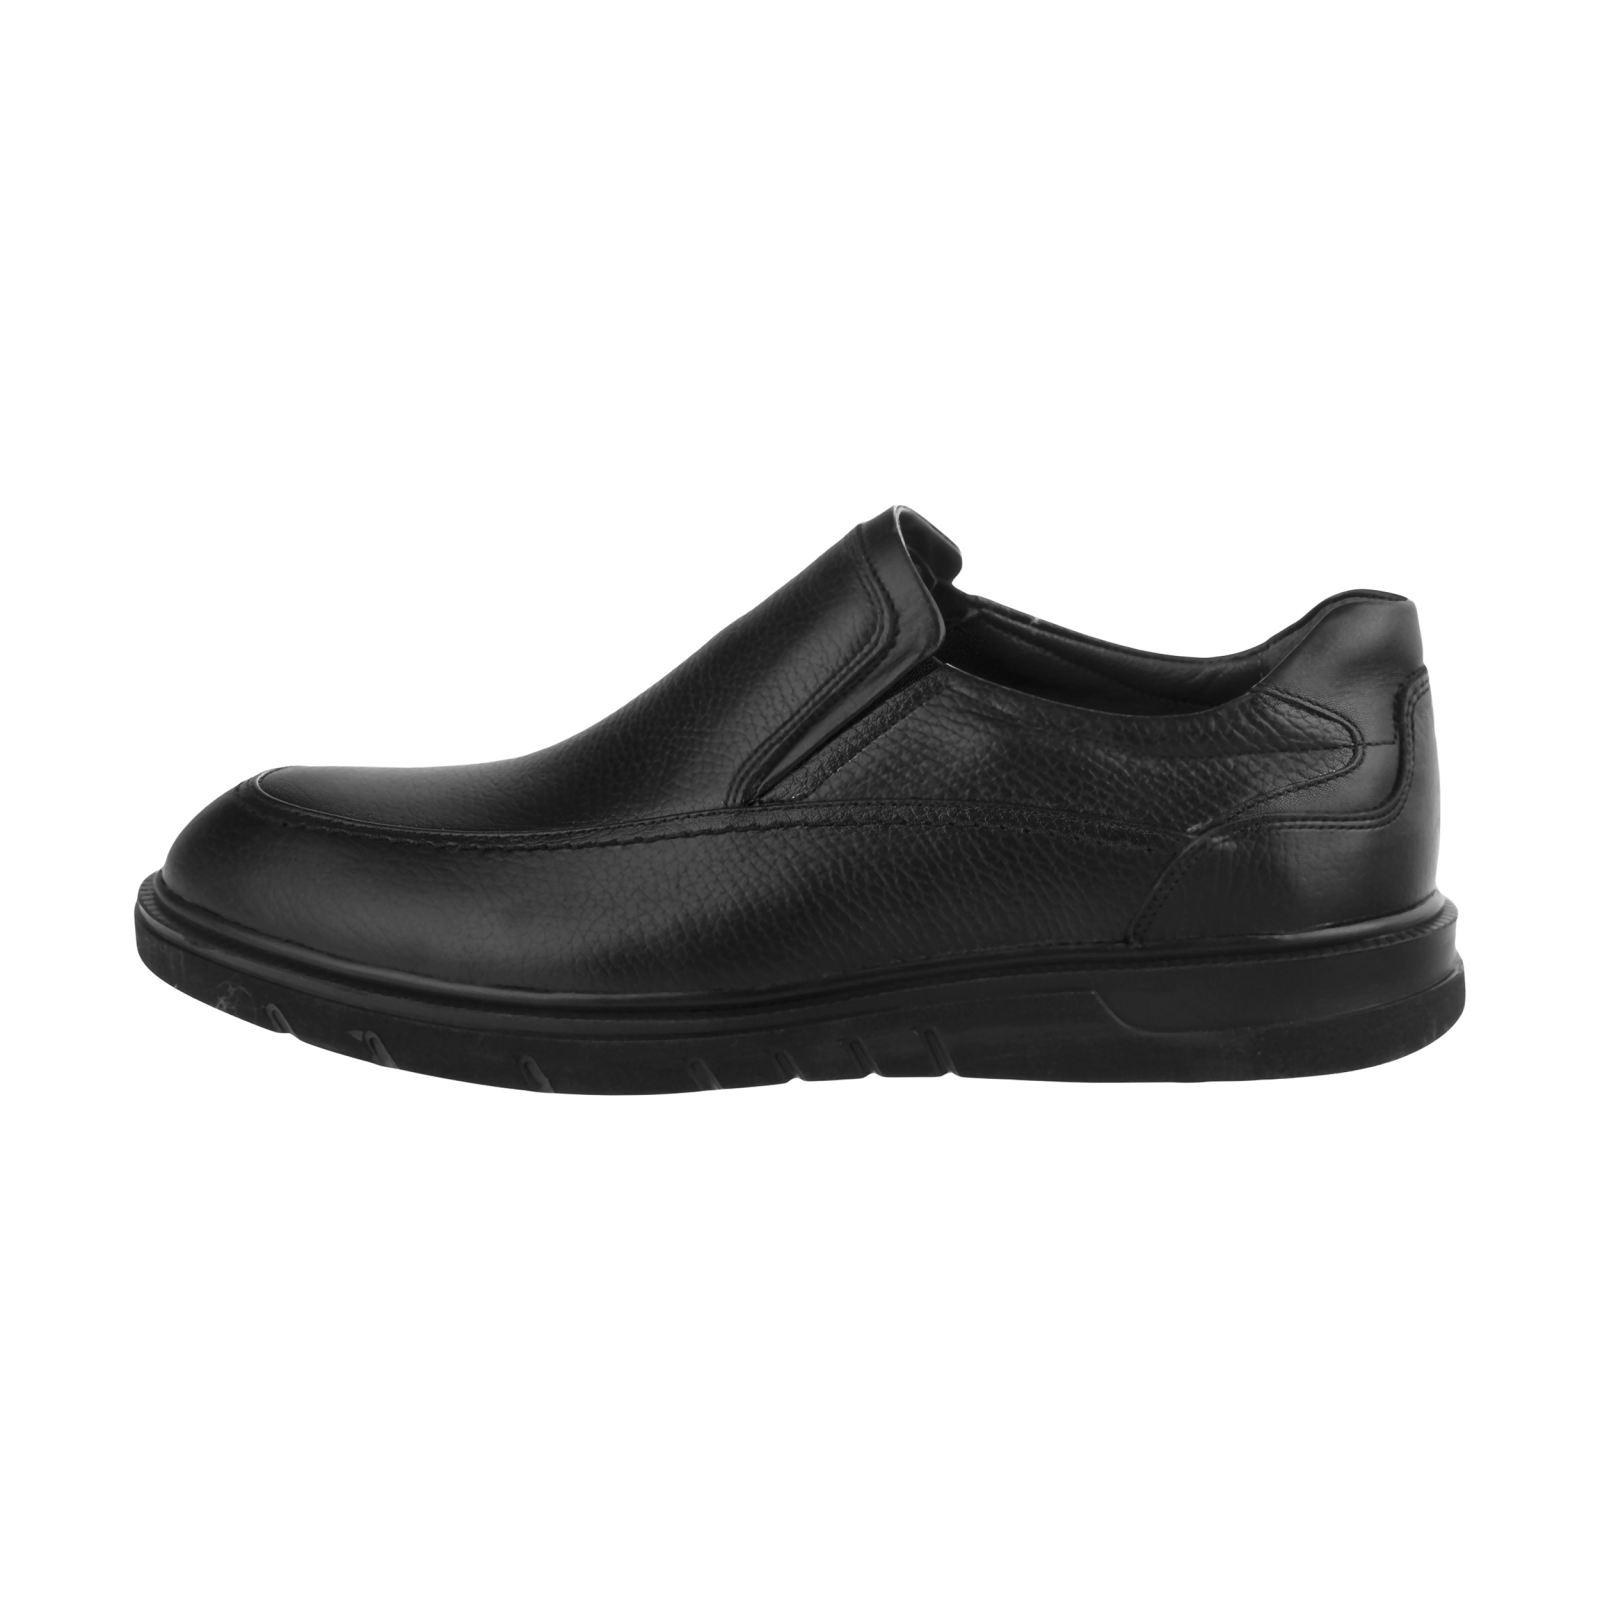 کفش روزمره مردانه سوته مدل 5018A503101 -  - 2